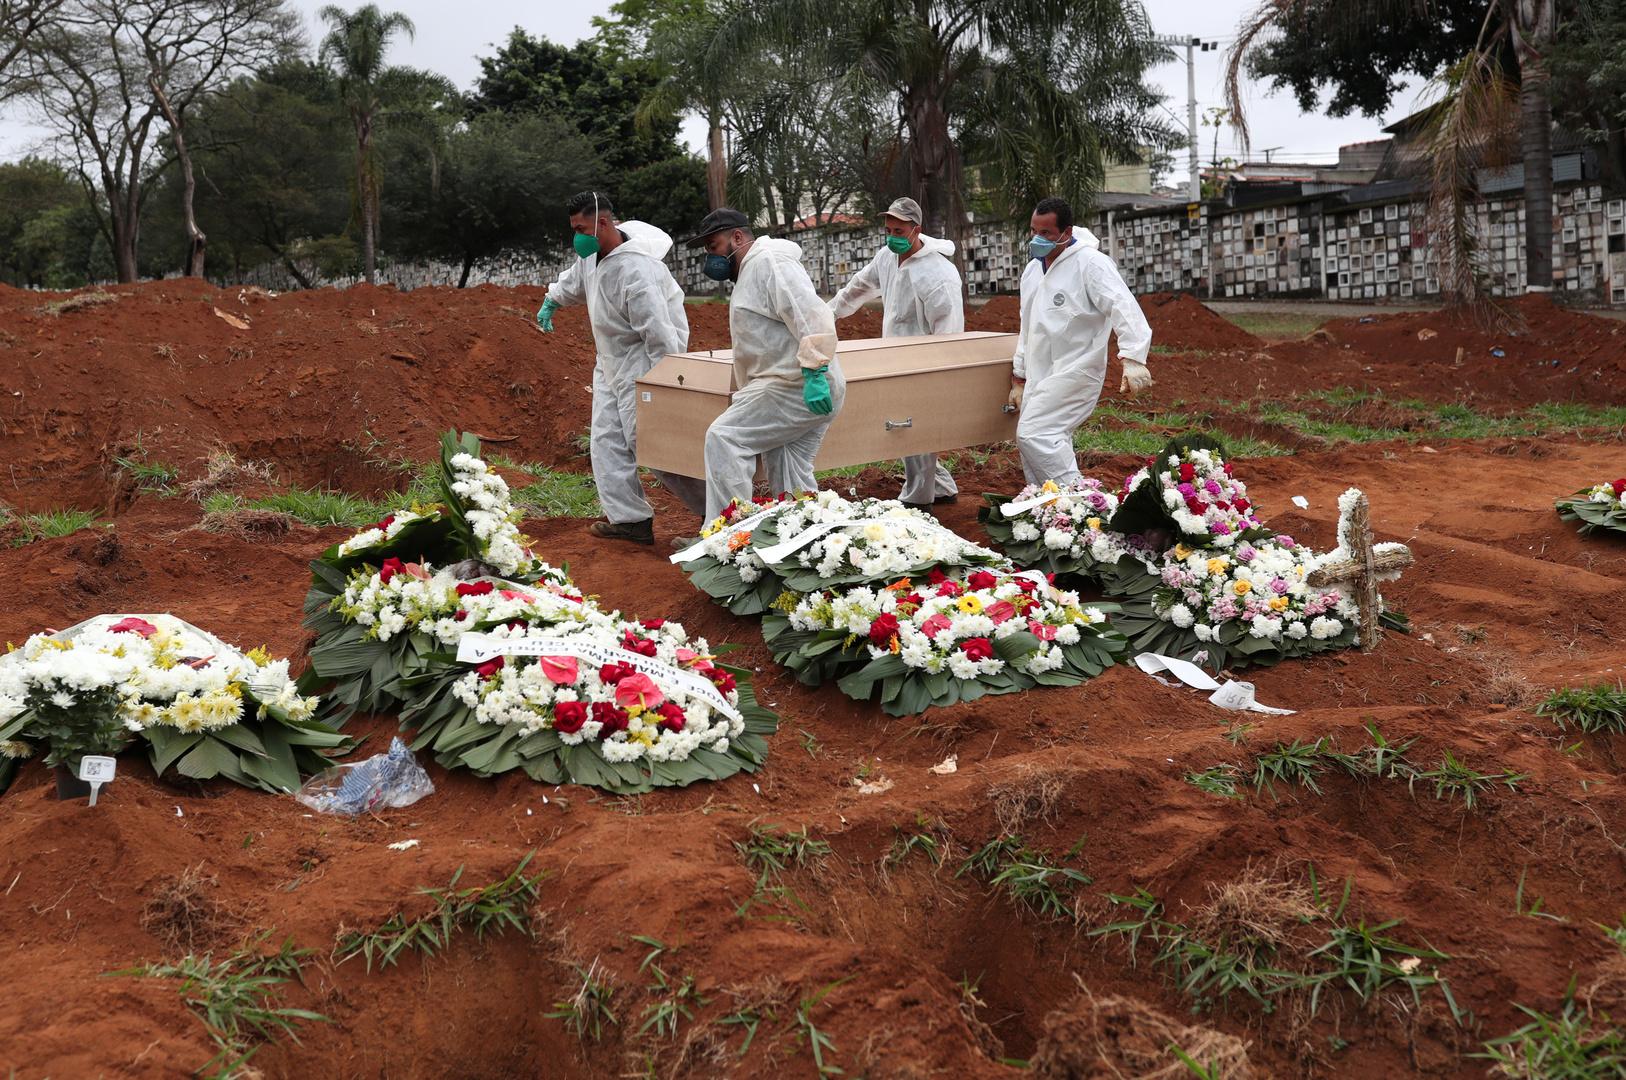 ارتفاع ضحايا كورونا إلى نحو 550 ألف وفاة وأكثر من 12 مليون مصاب حول العالم